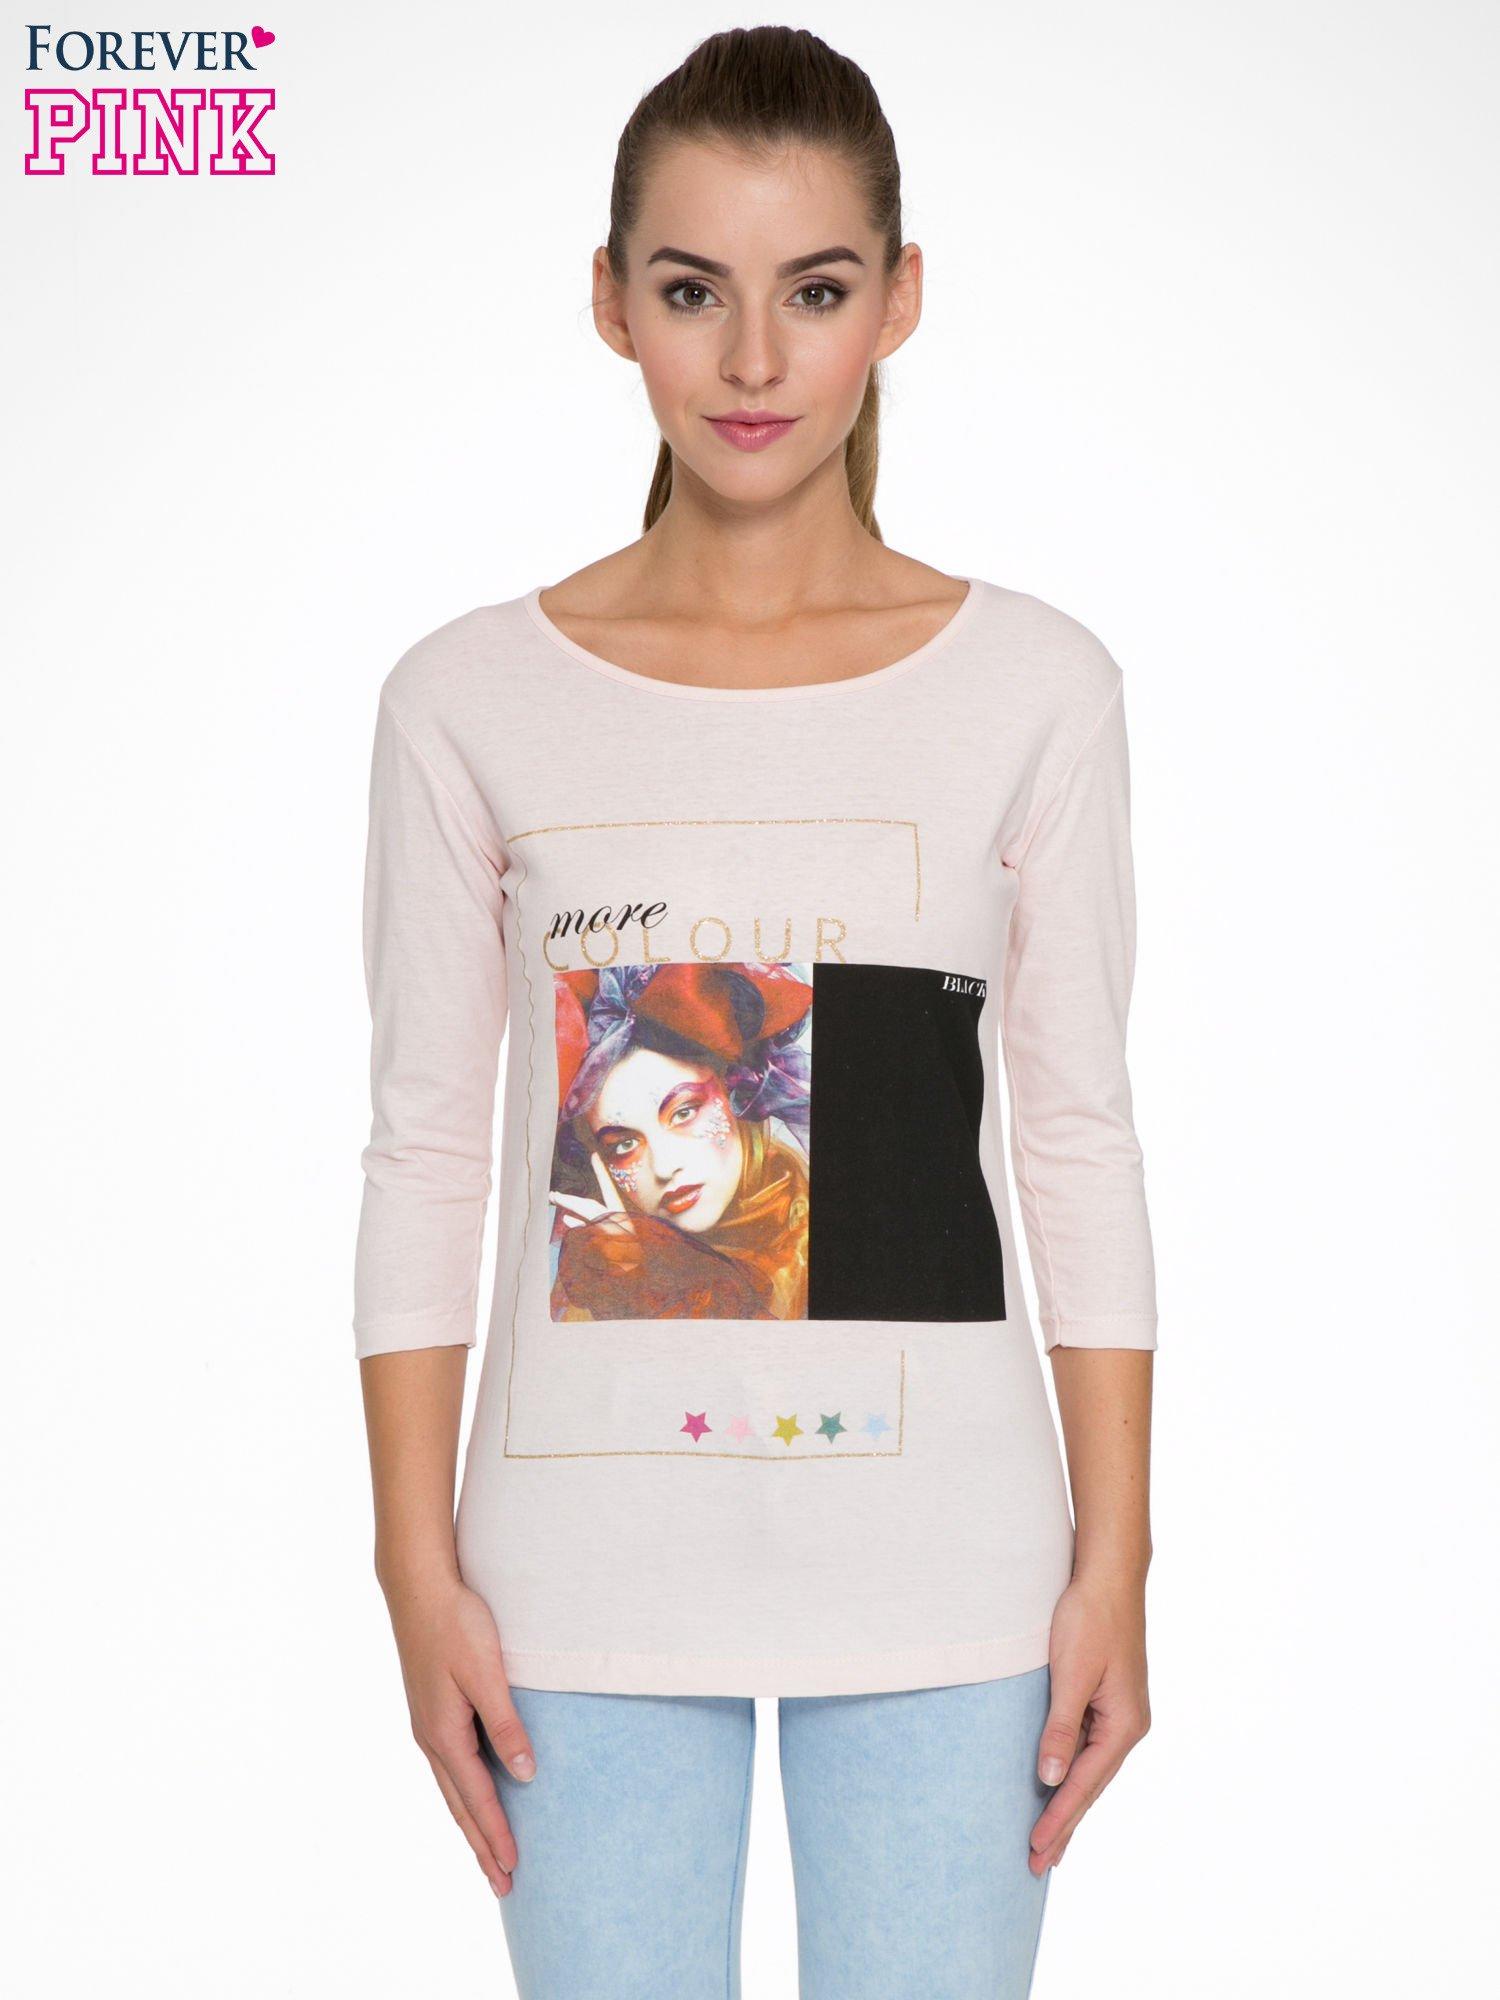 Jasnoróżowa bluzka z nadrukiem fashion i napisem MORE COLOUR                                  zdj.                                  1